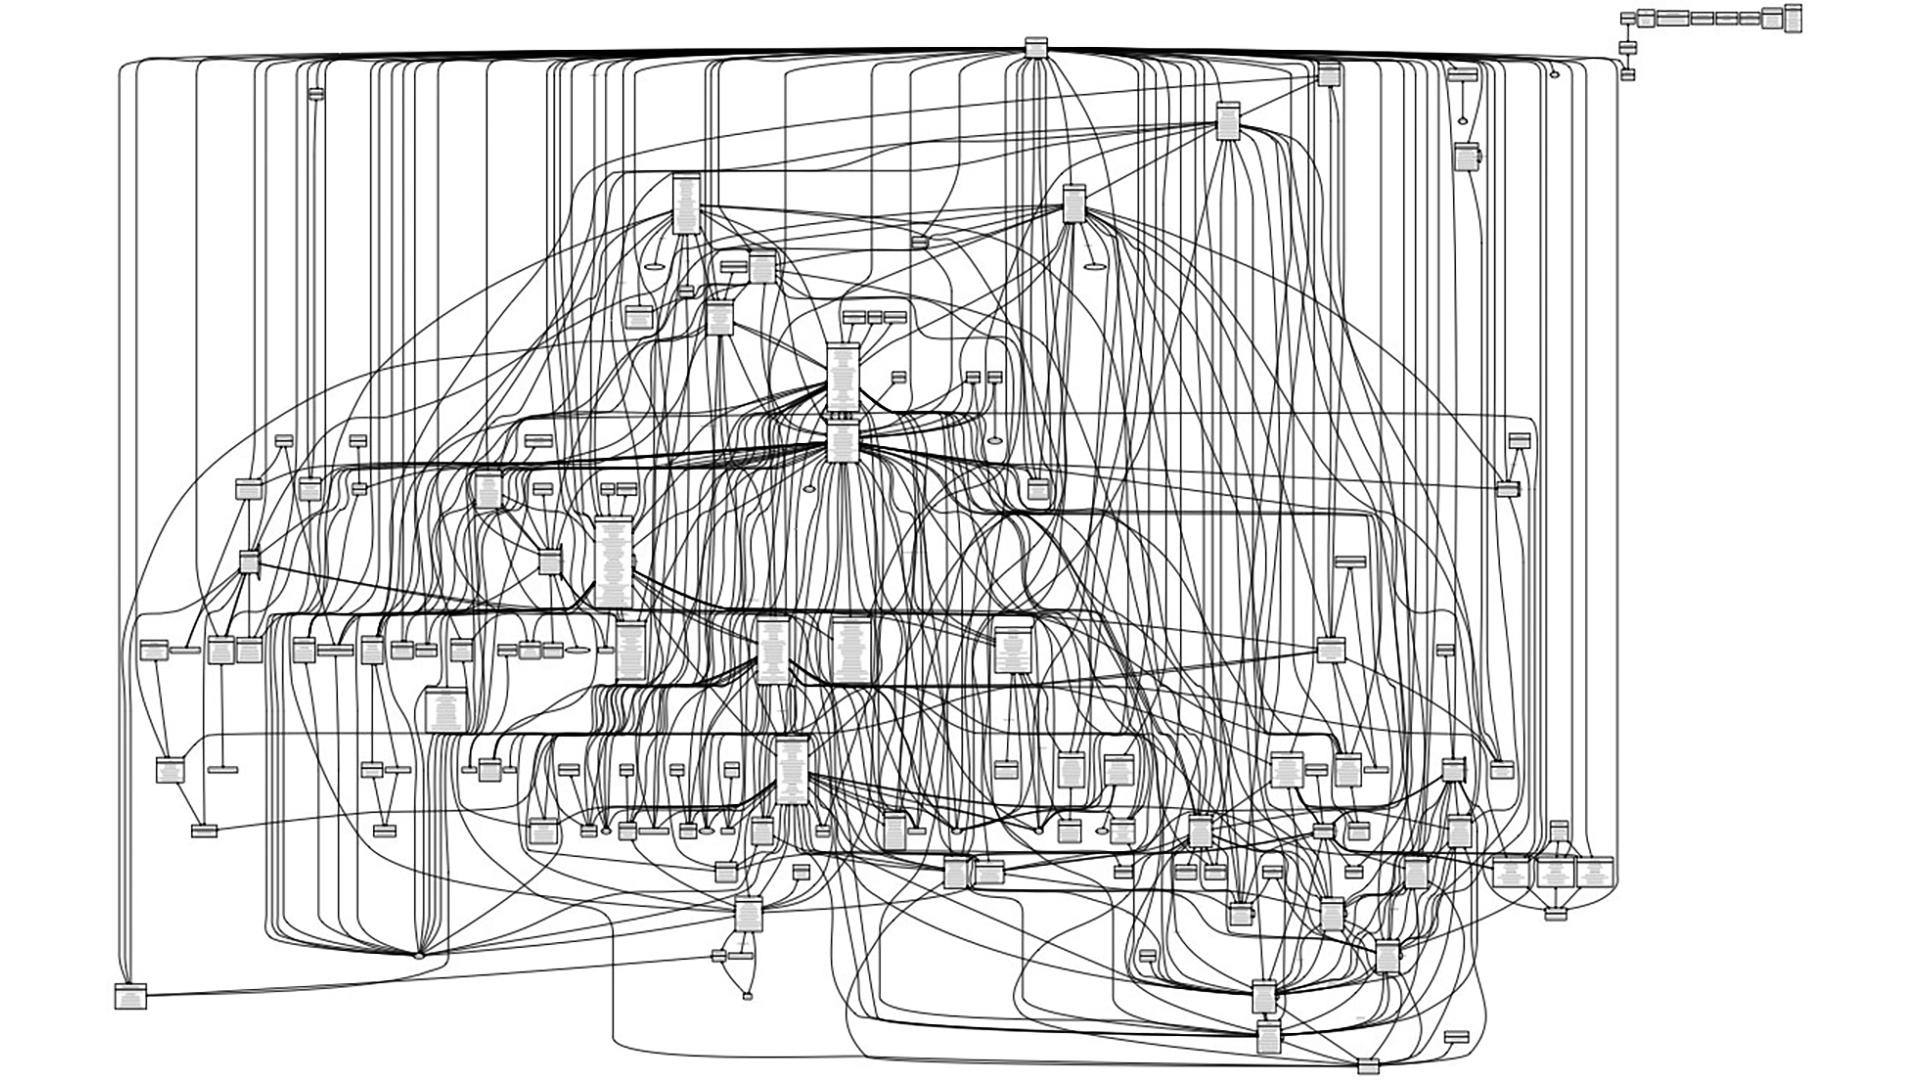 Εικονογράφηση βάσης δεδομένων